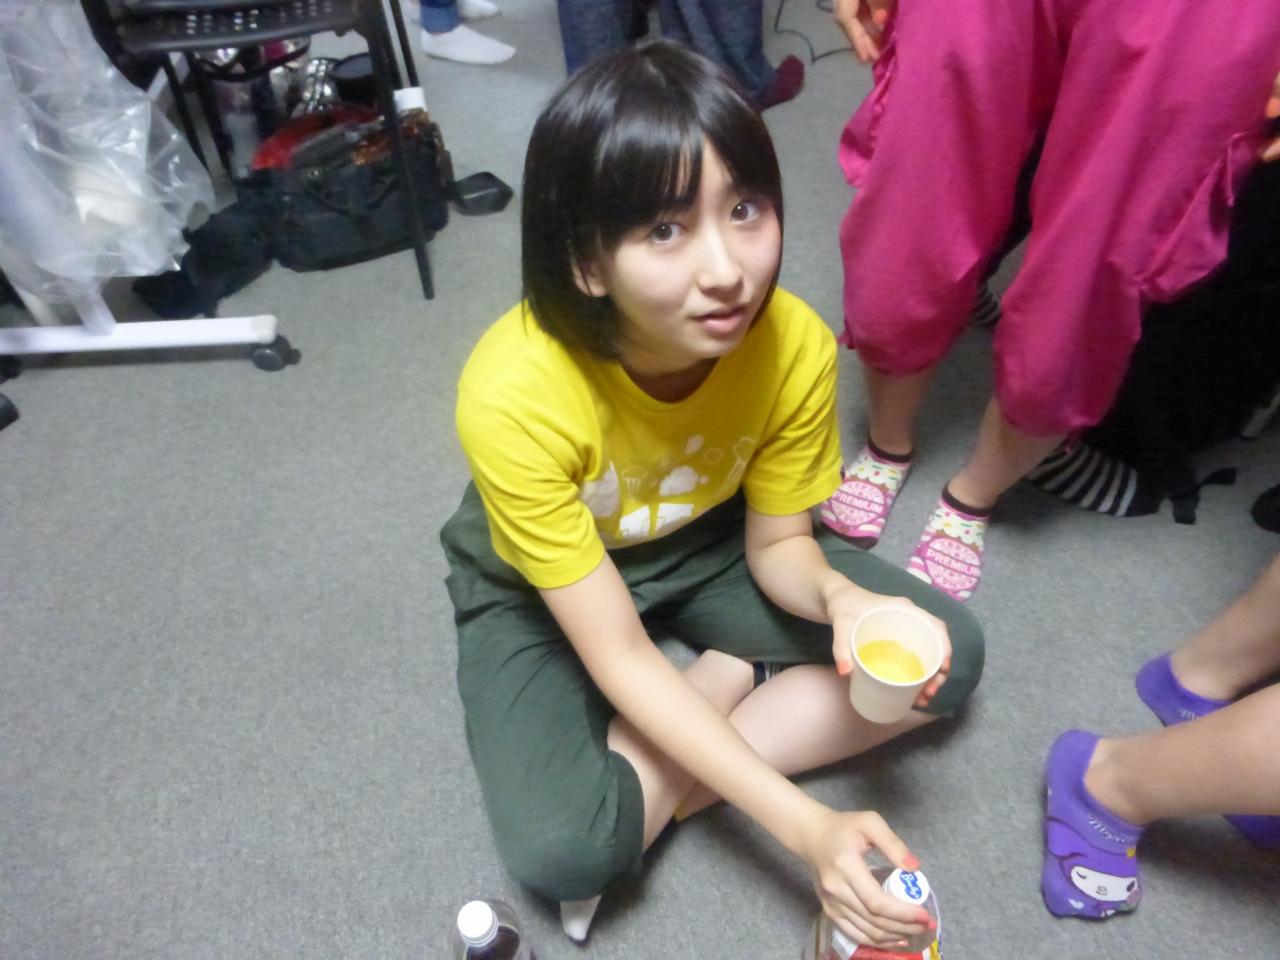 黄色いものを飲む黄色。行儀が悪く見えますが控え室が狭い場合はこんな事もあるんです。(きいな)